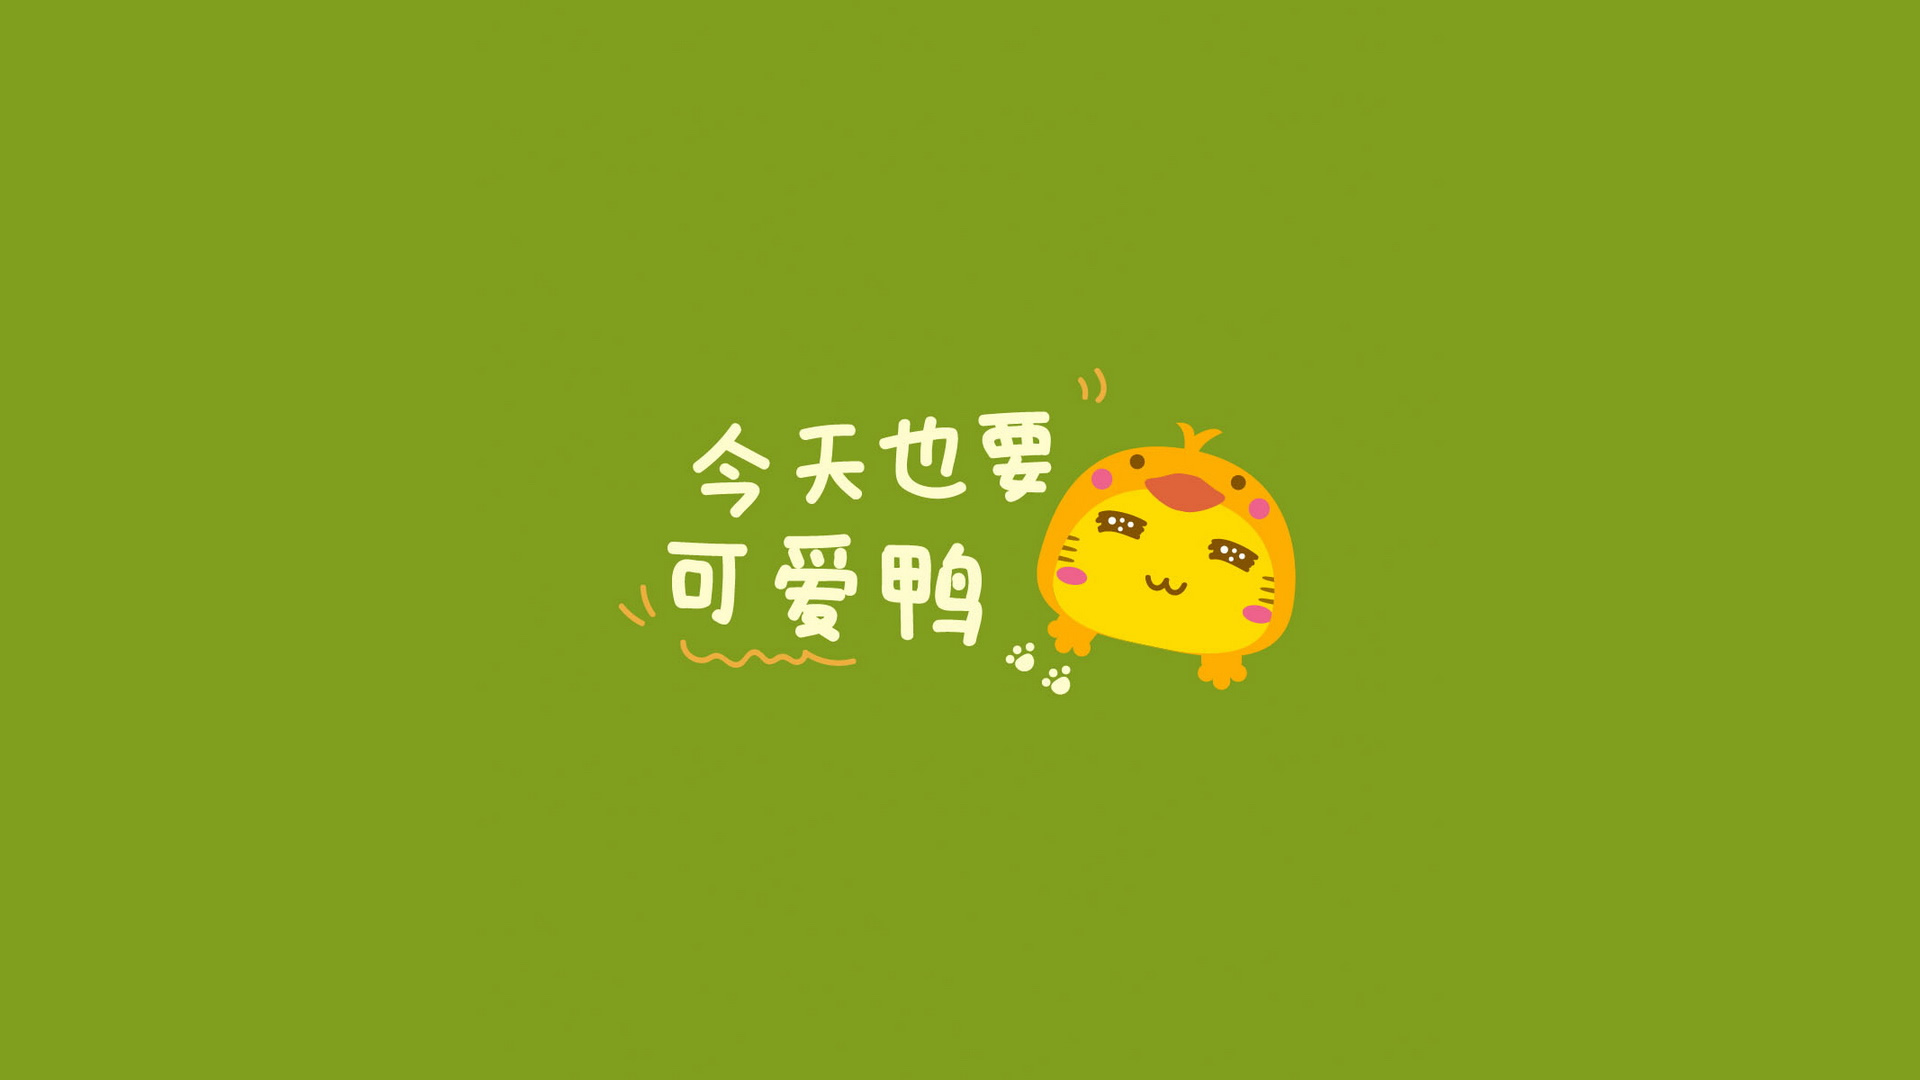 哈咪猫鸭 简约可爱卡通宽屏壁纸(壁纸1)